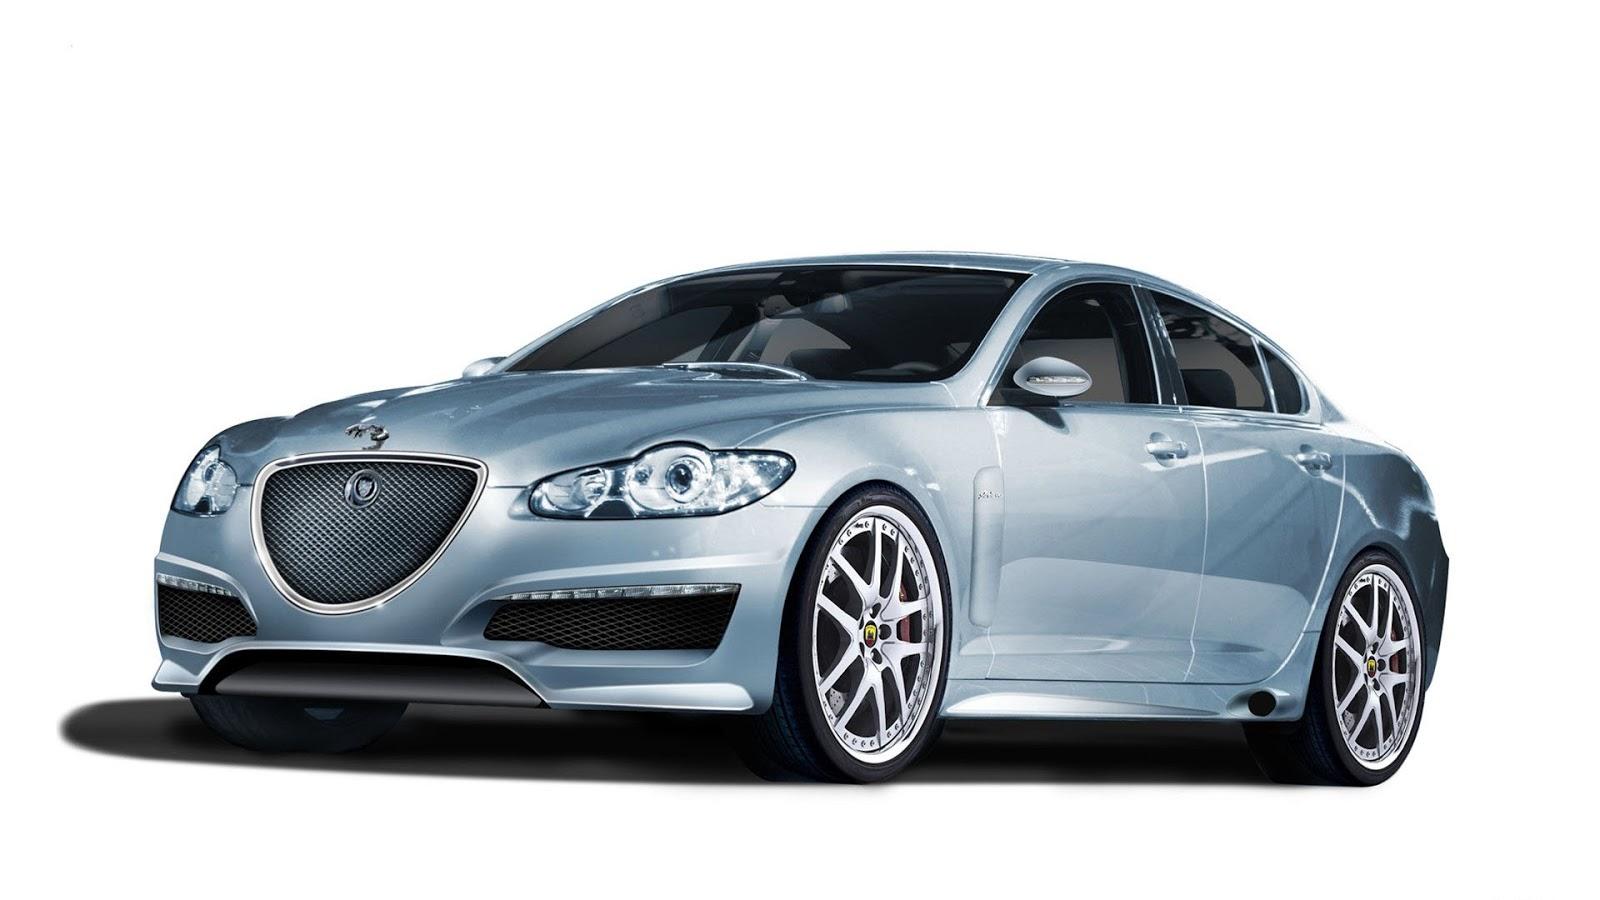 hight resolution of autoparts and accesories for jaguar rh car parts world com jaguar parts diagram jaguar illustration